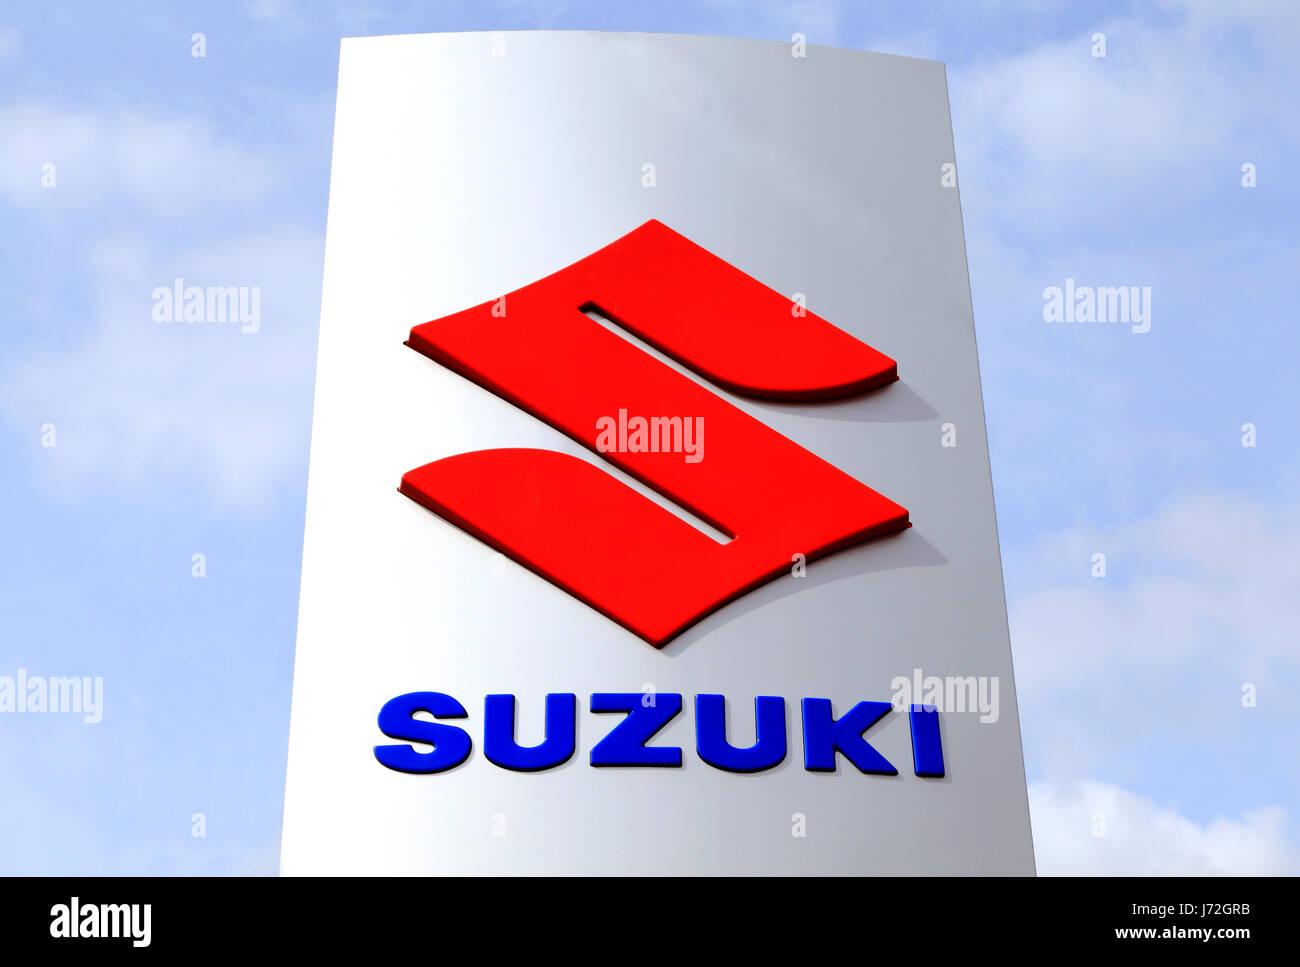 suzuki zeichen logo automobil hersteller h ndler england uk stockfoto bild 142042639 alamy. Black Bedroom Furniture Sets. Home Design Ideas